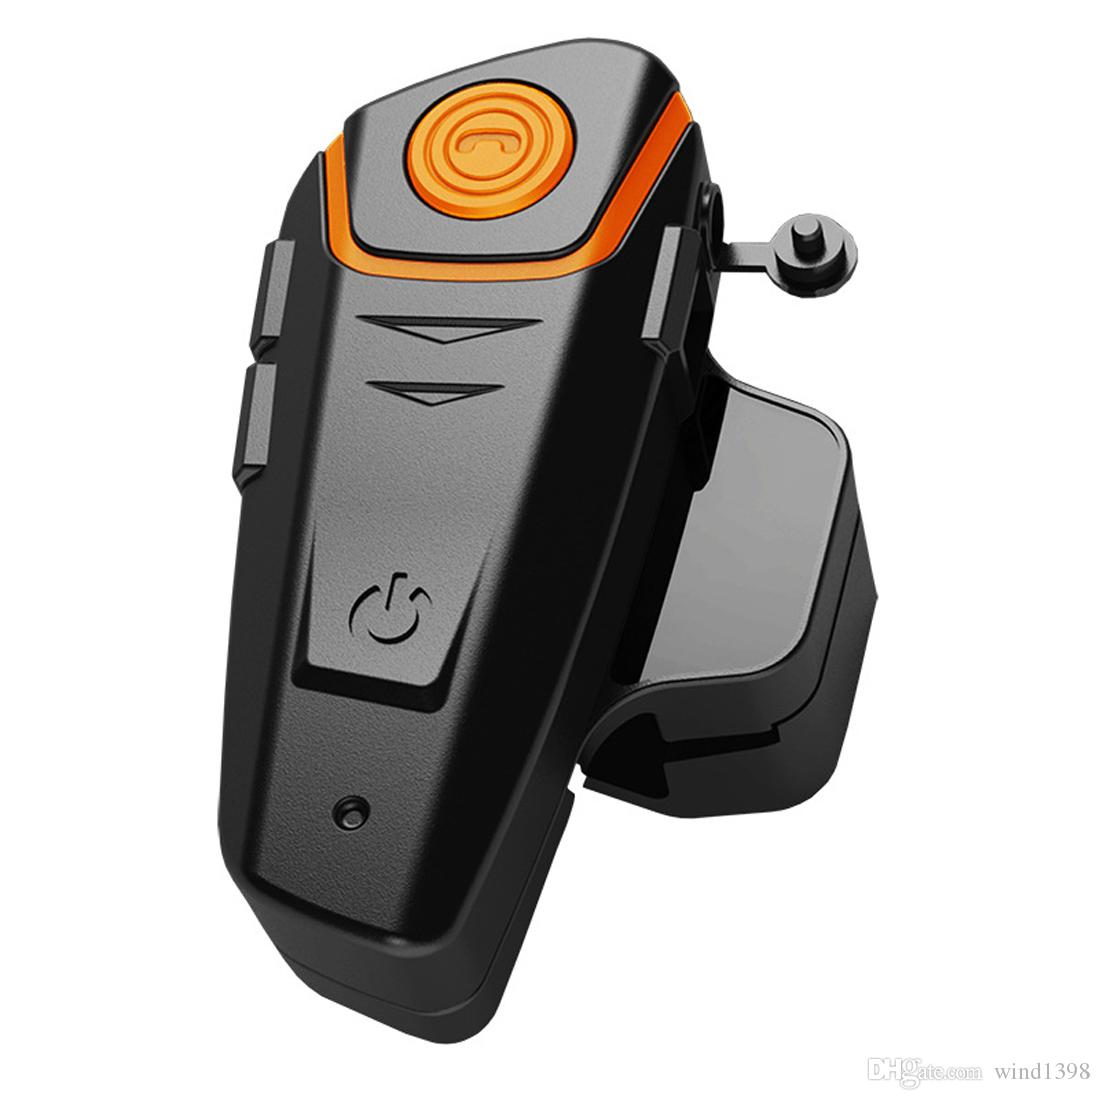 Última versión 1000M BT-S2 Bluetooth Motocicleta Casco Intercomunicador Interfono Auricular Radio FM + Auricular Conector EU Motocicleta